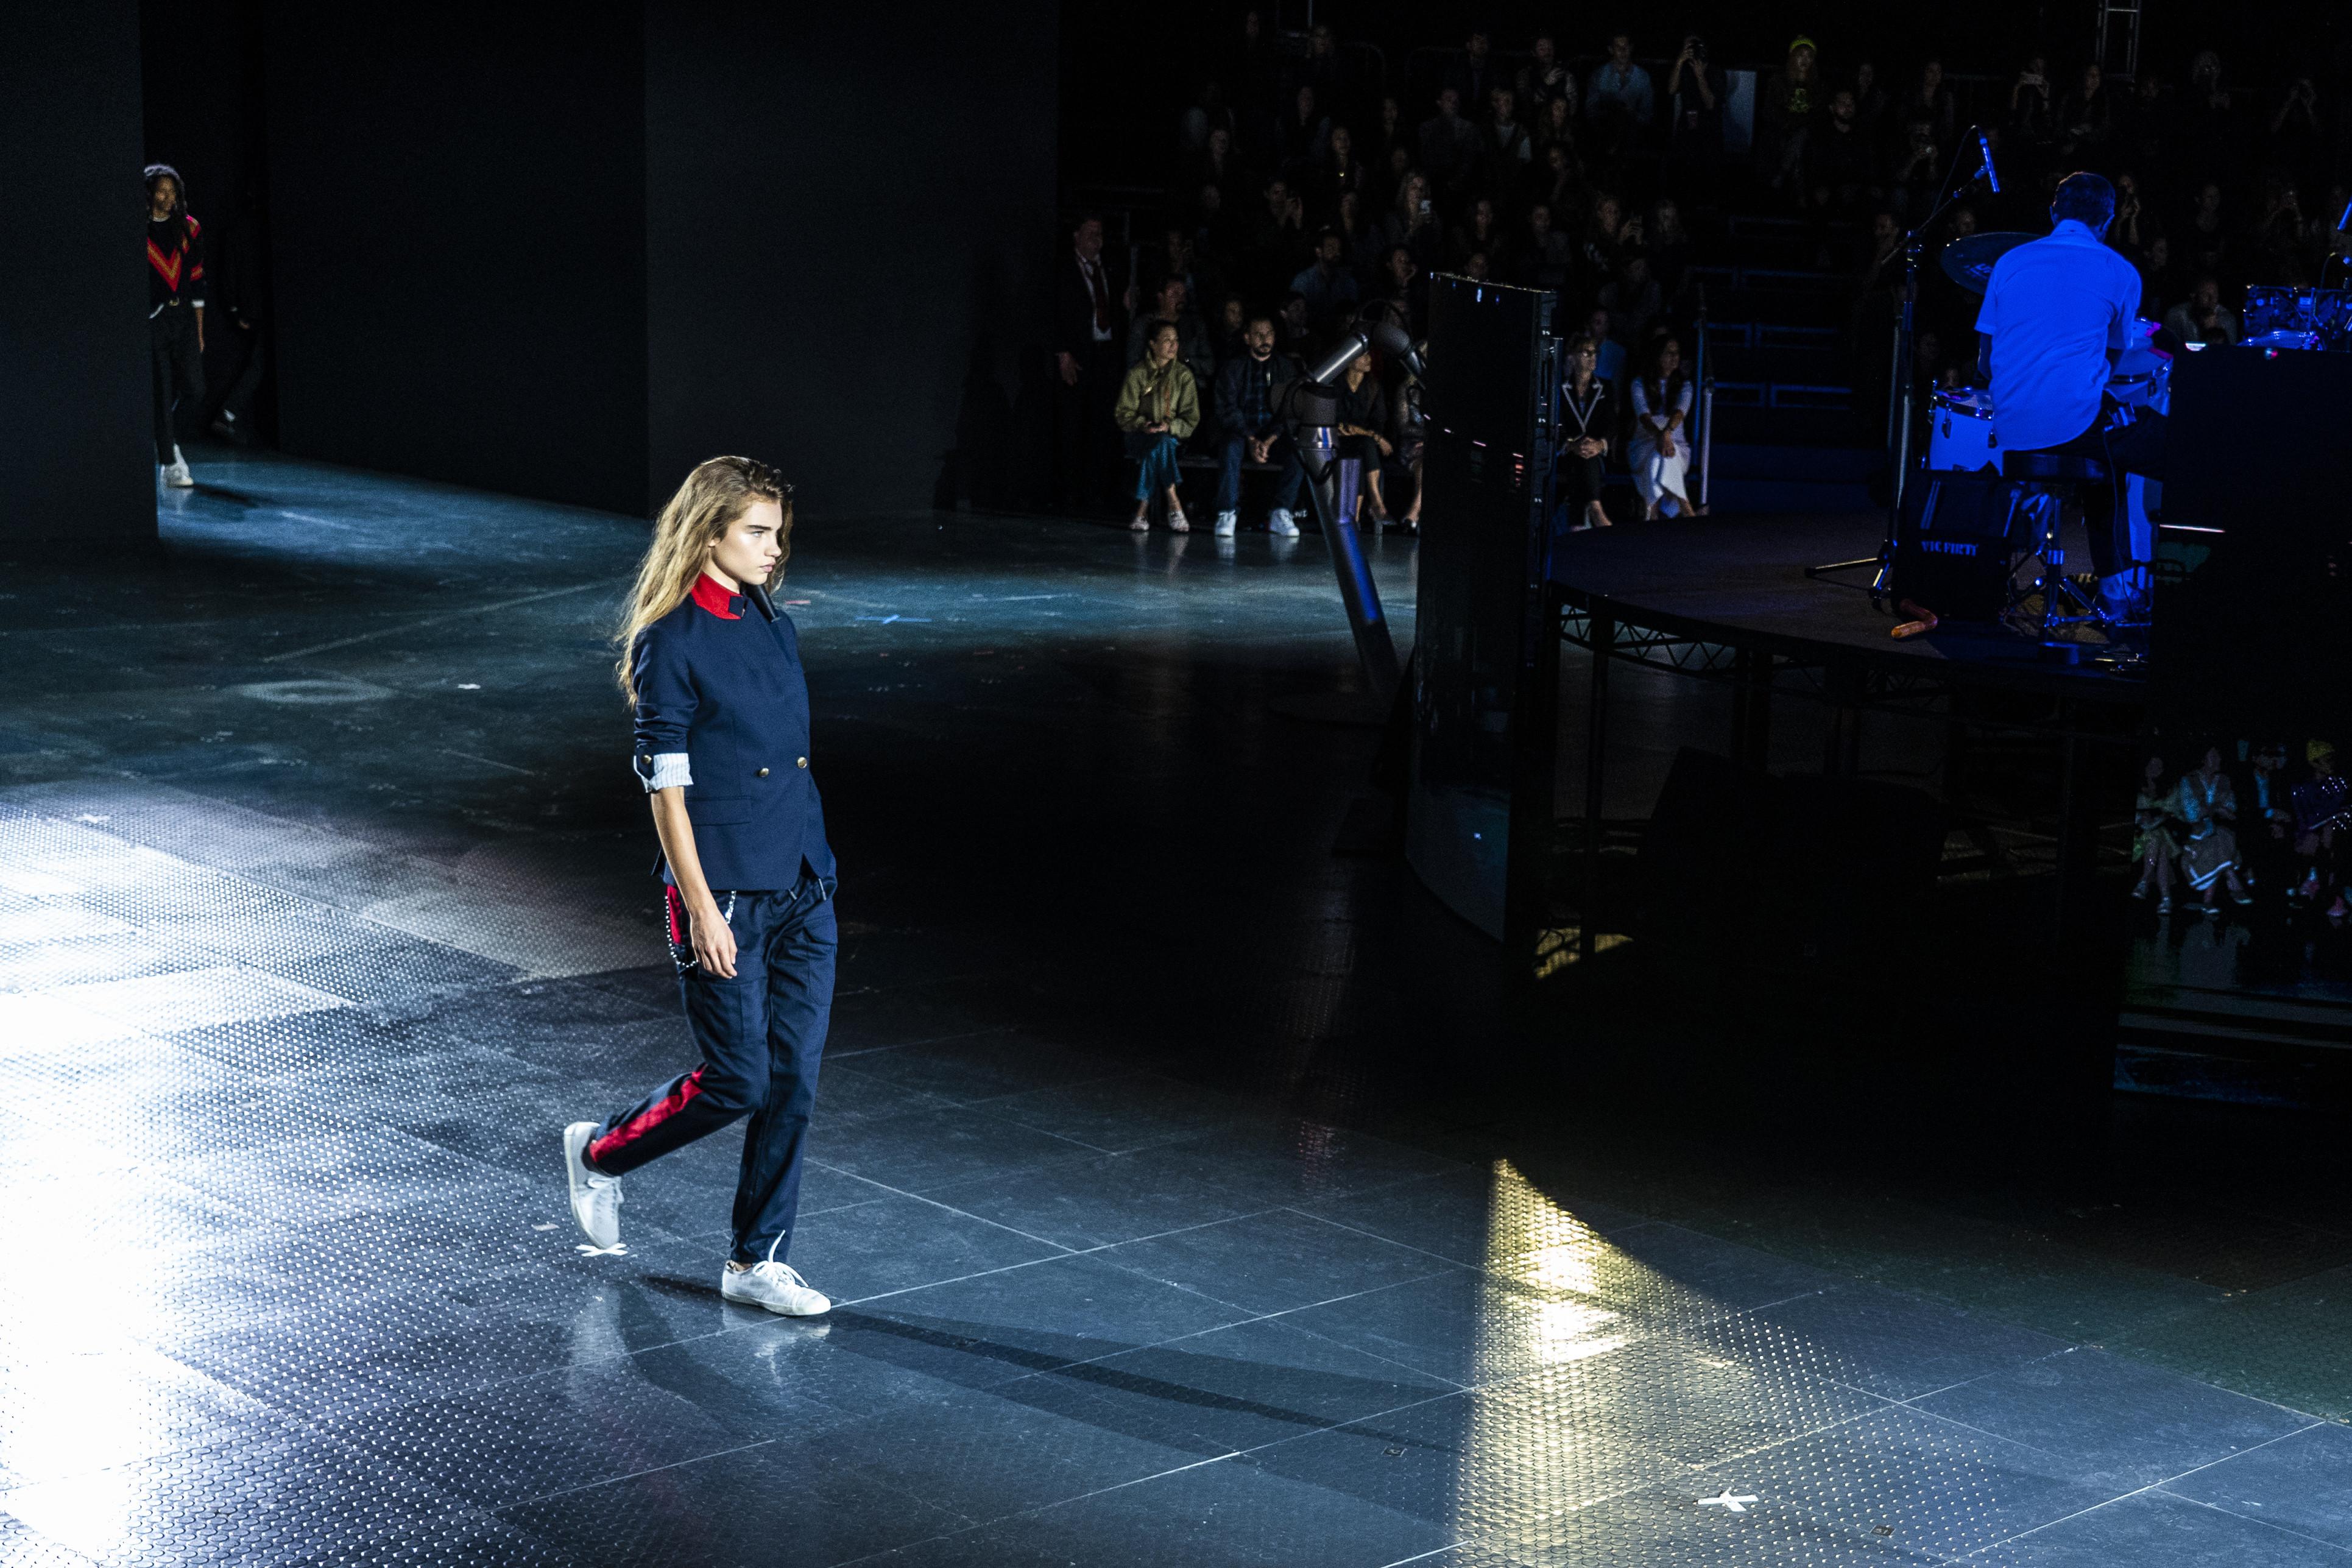 Si la empresa para la que laboras te permite utilizar calzado deportivo, regresa al trabajo luciendo mahones, chaquetas y tus tenis más cómodos. (WGSN)